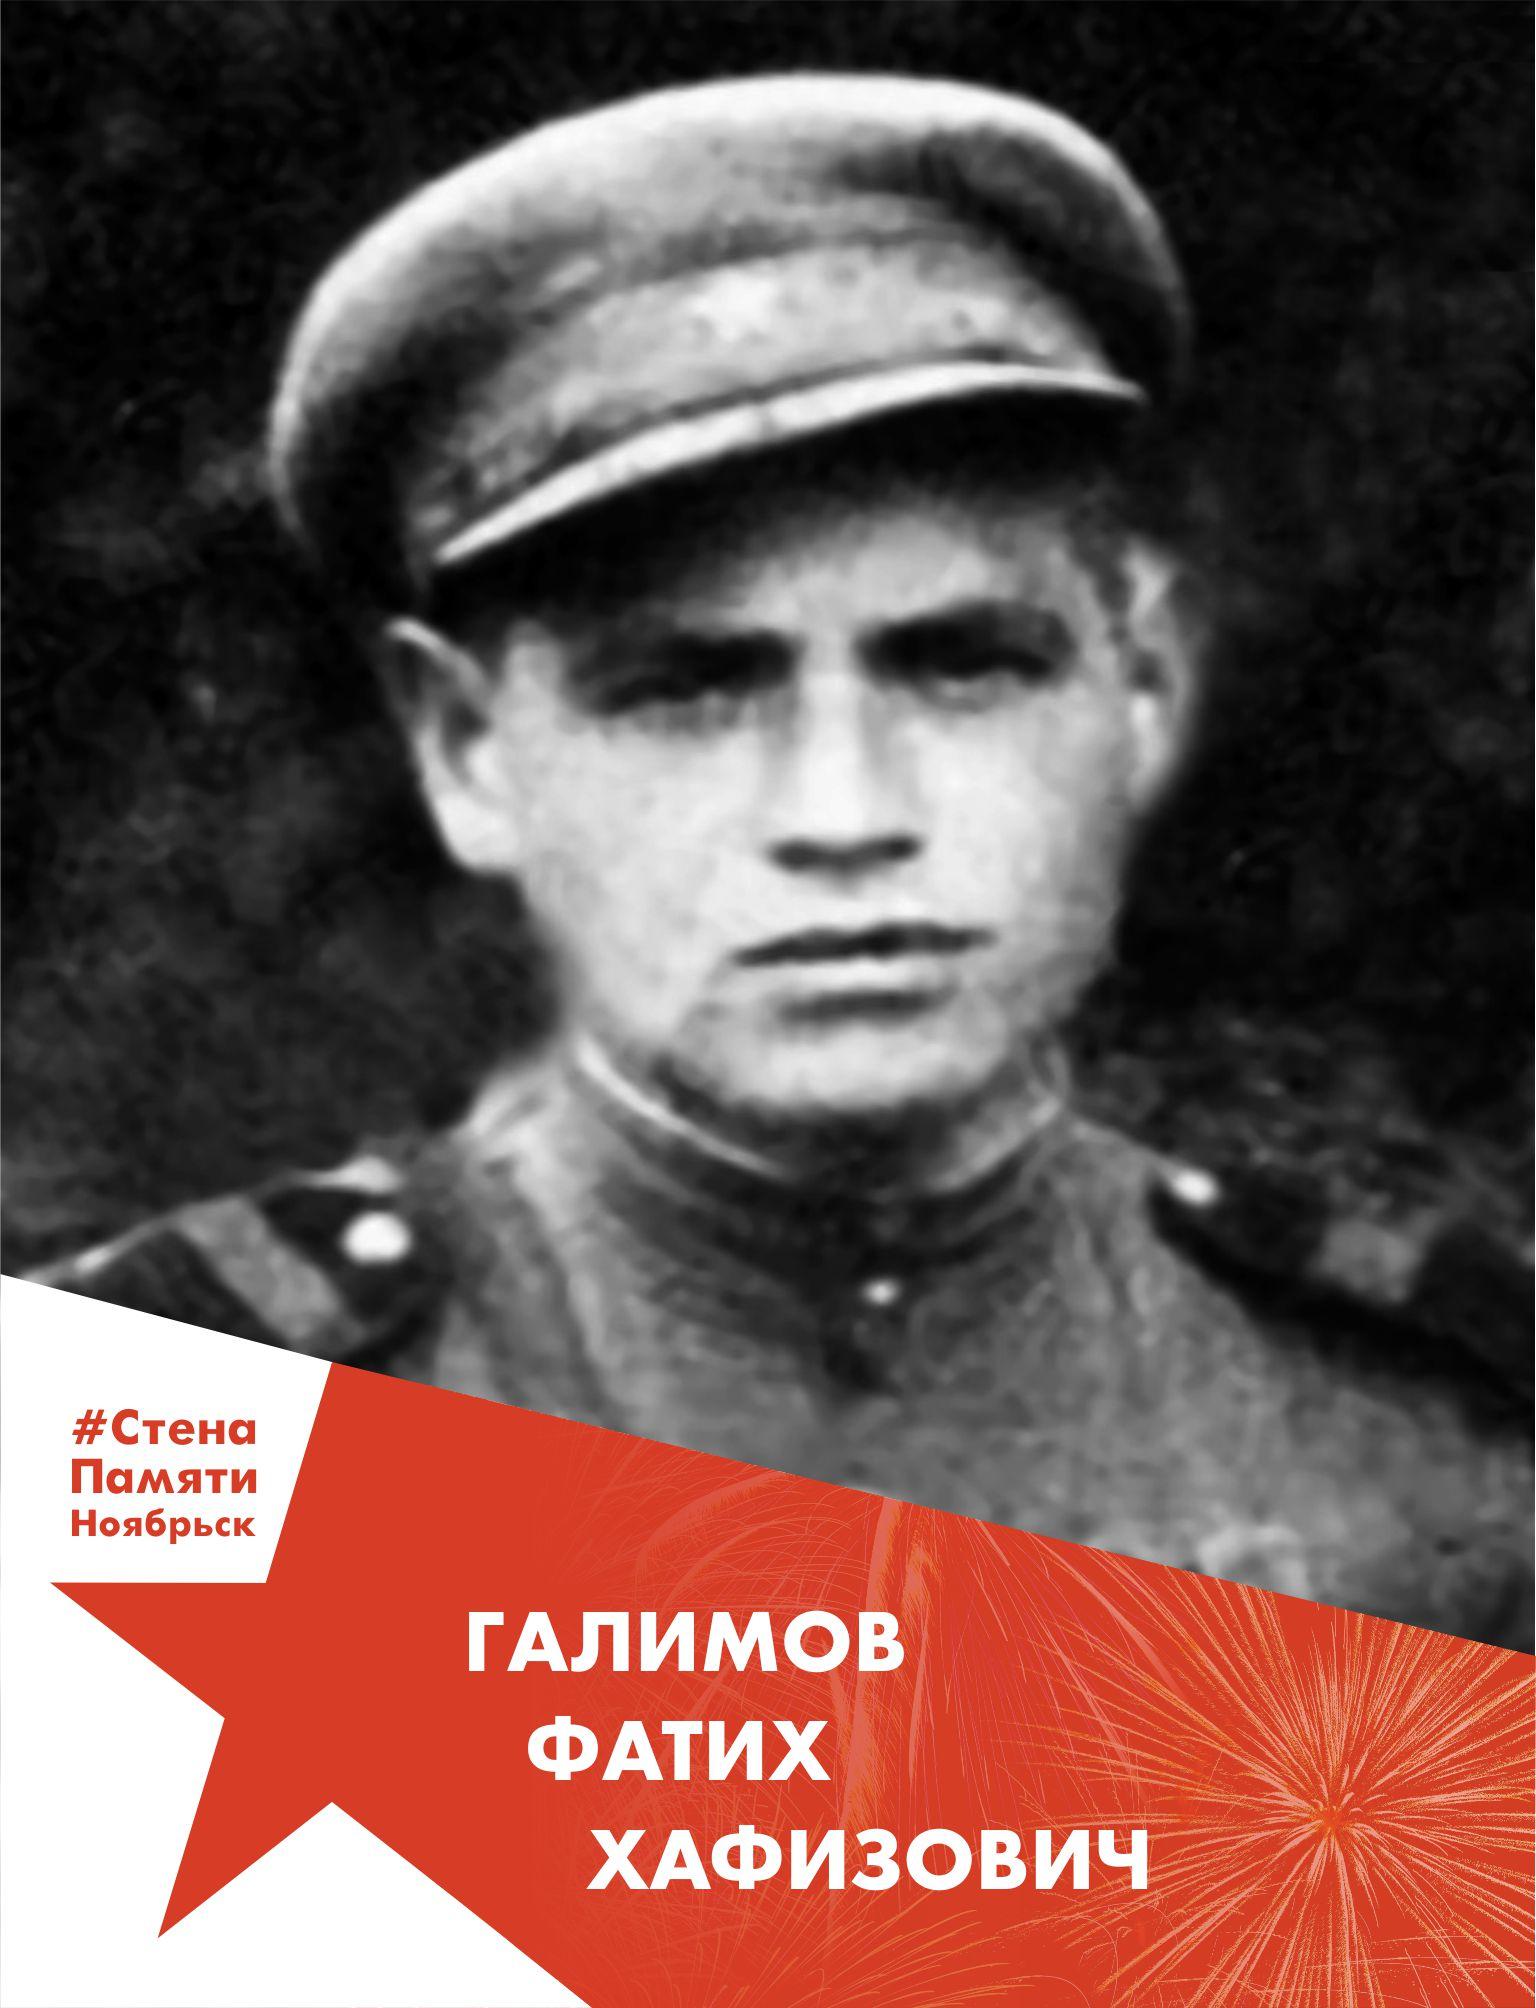 Галимов Фатих Хафизович